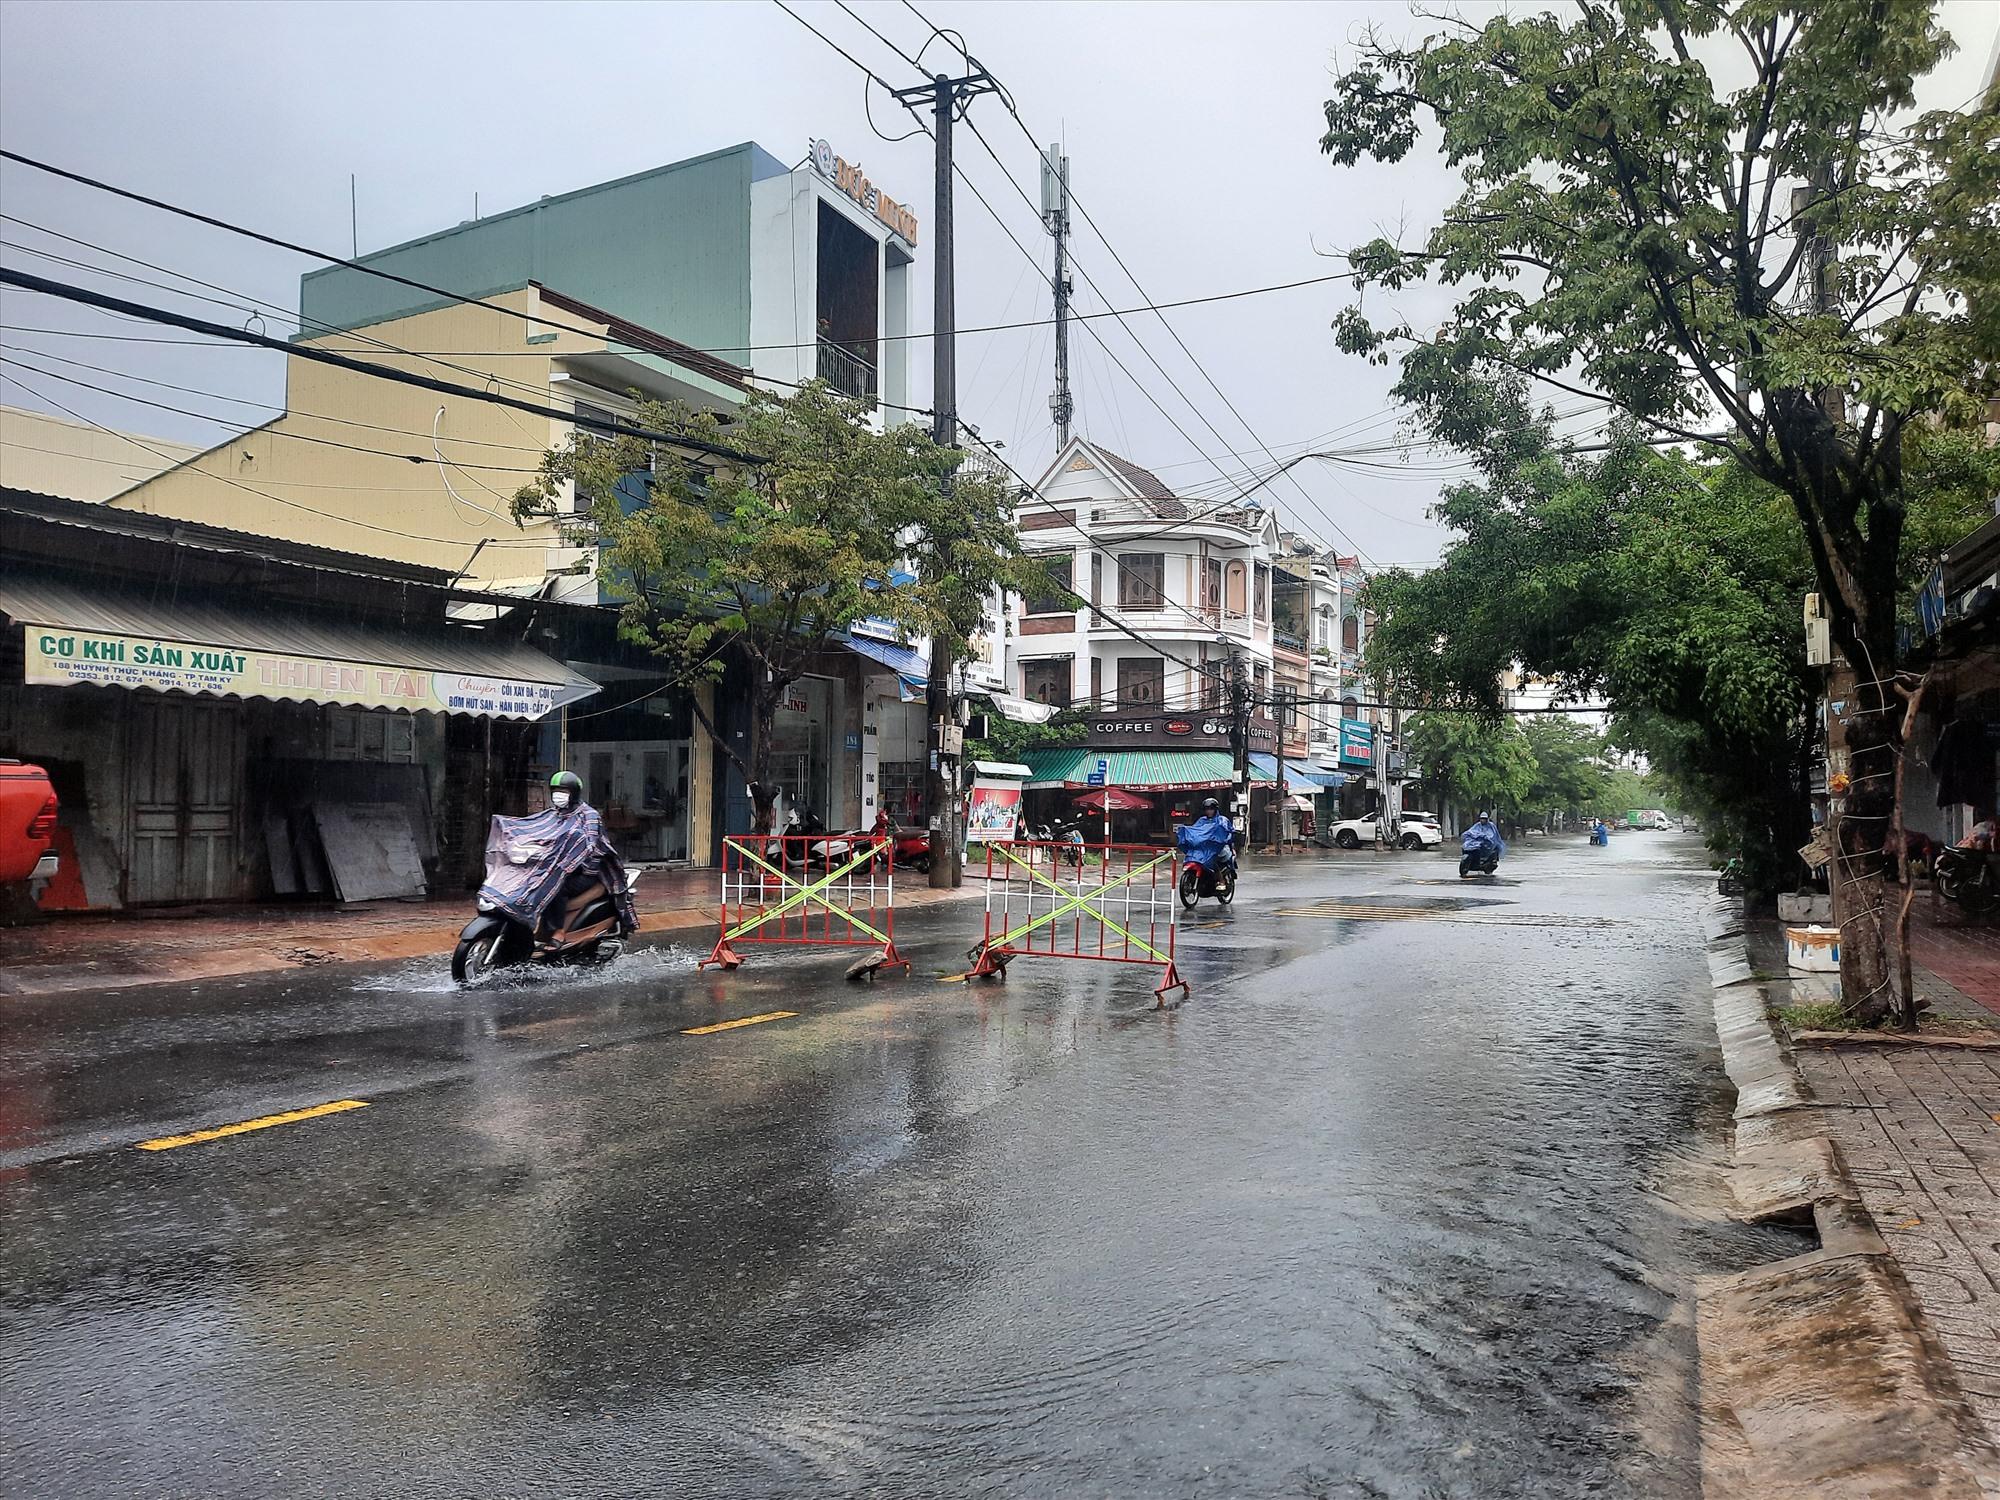 Lực lượng chức năng TP.Tam Kỳ đặt biển cảnh báo trên tuyến đường Huỳnh Thúc Kháng đang ngập sâu. Ảnh: H.Q